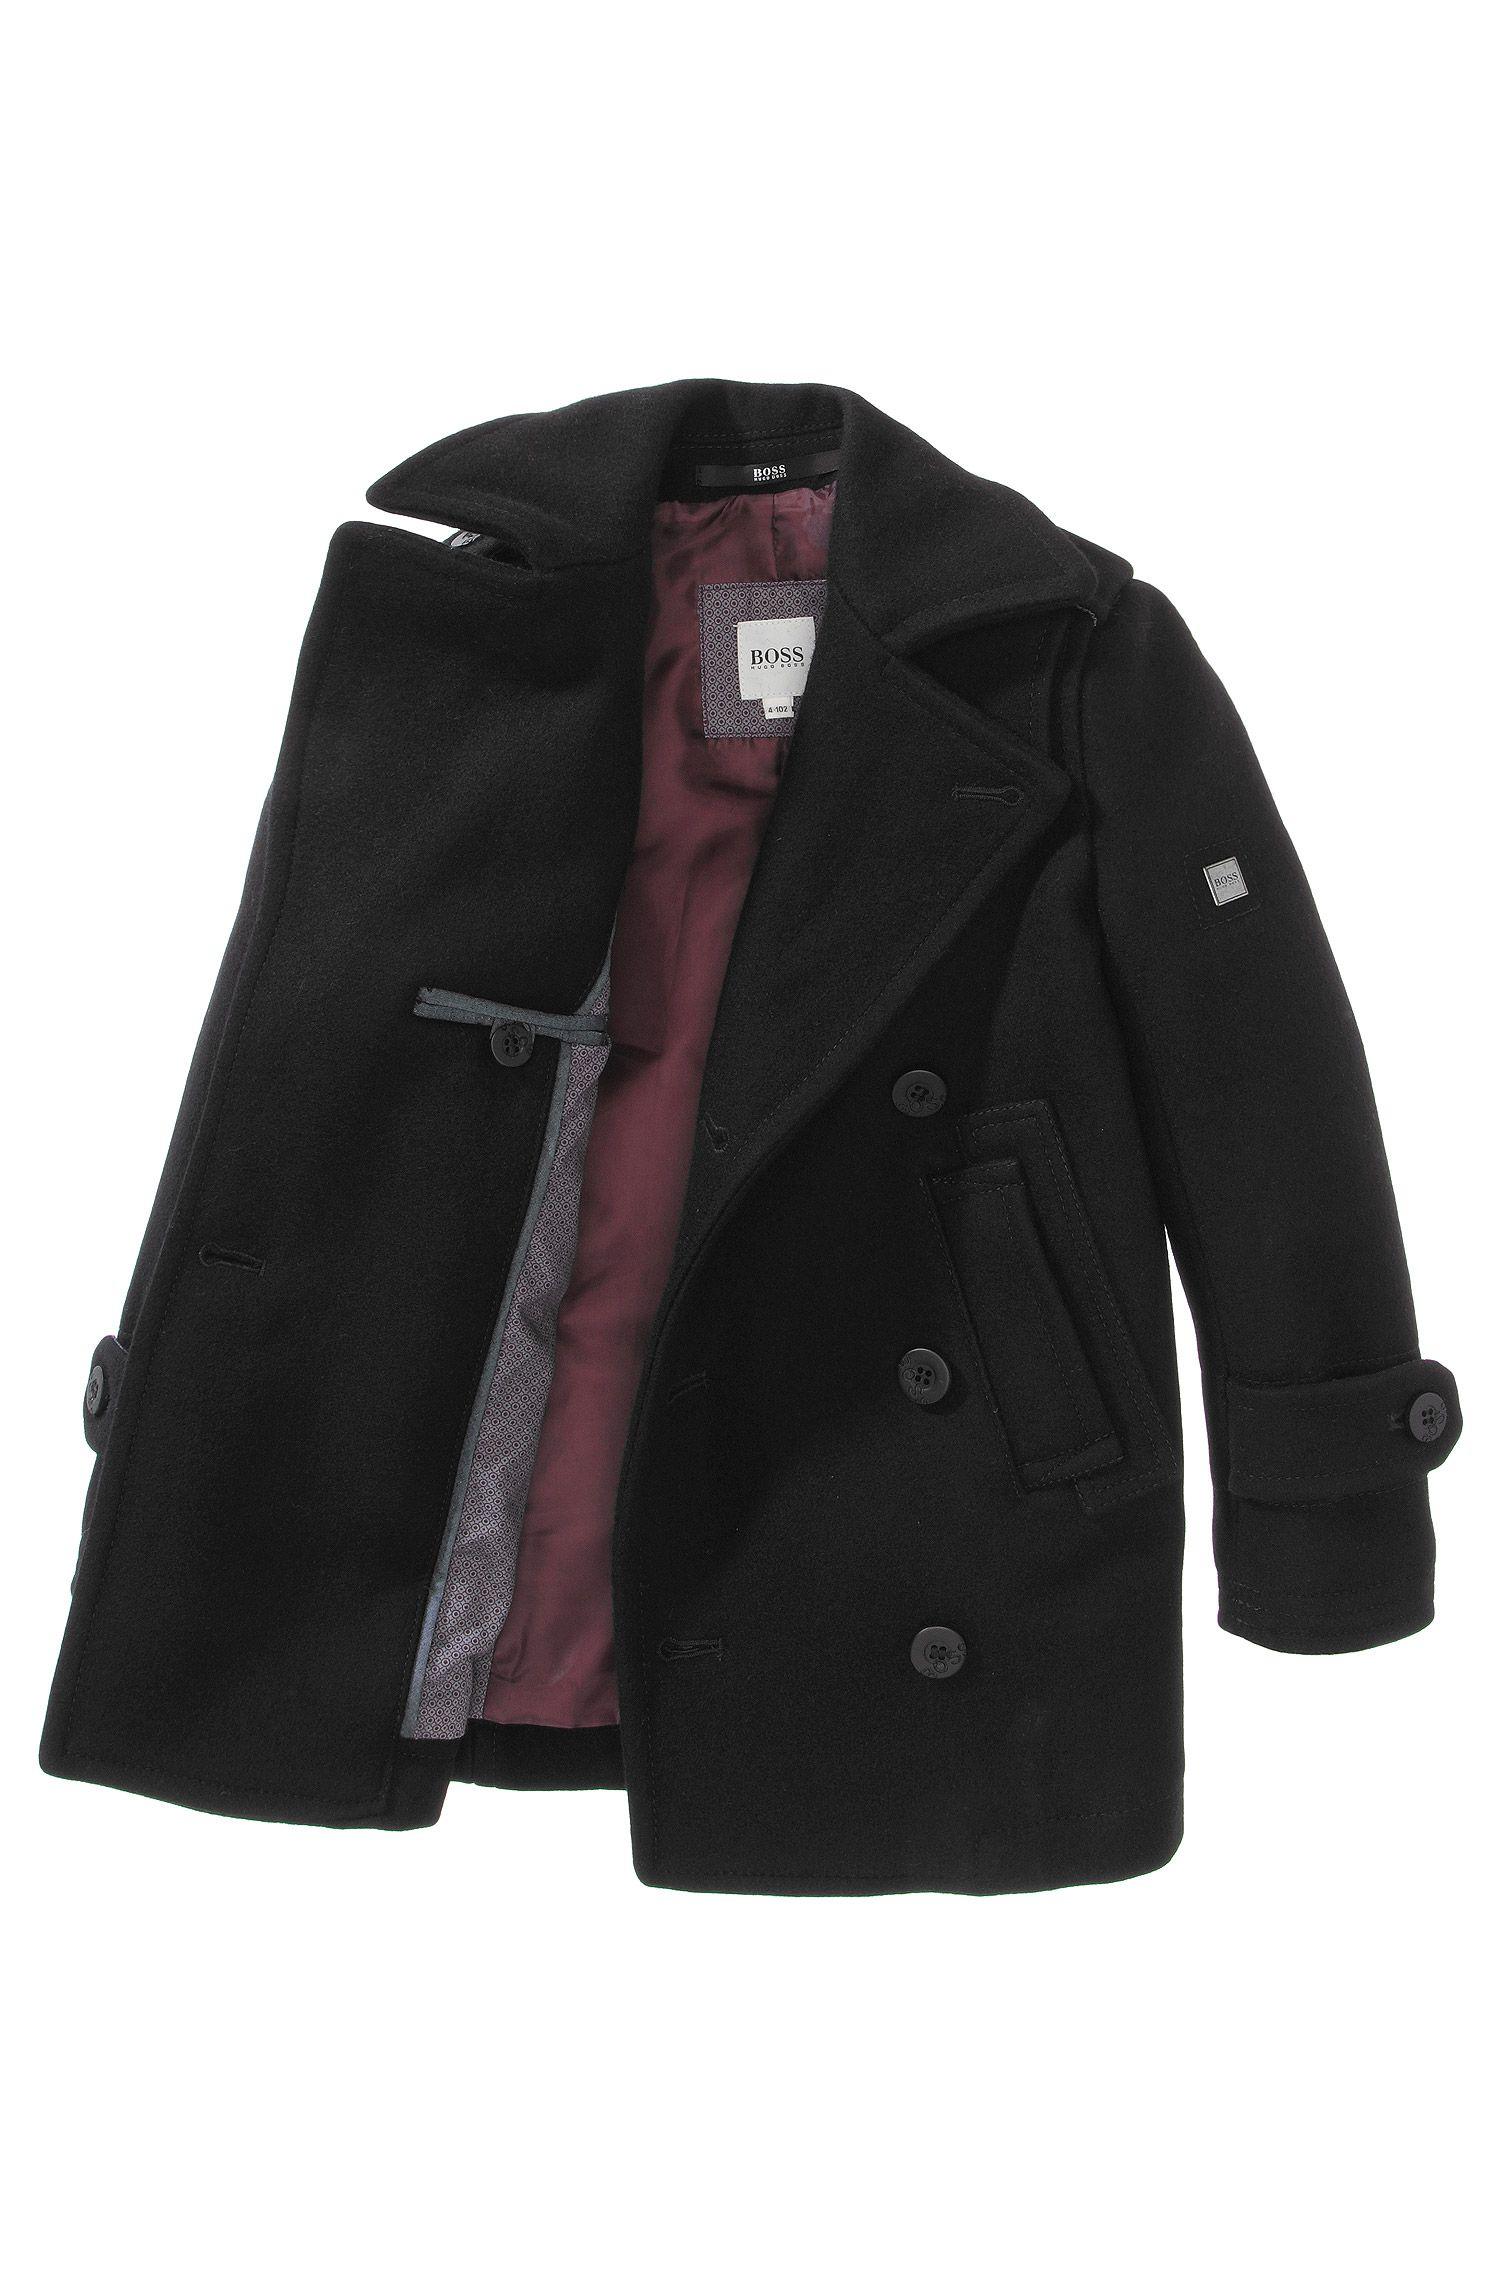 Manteau pour enfant «J26174/09B» en laine mélangée